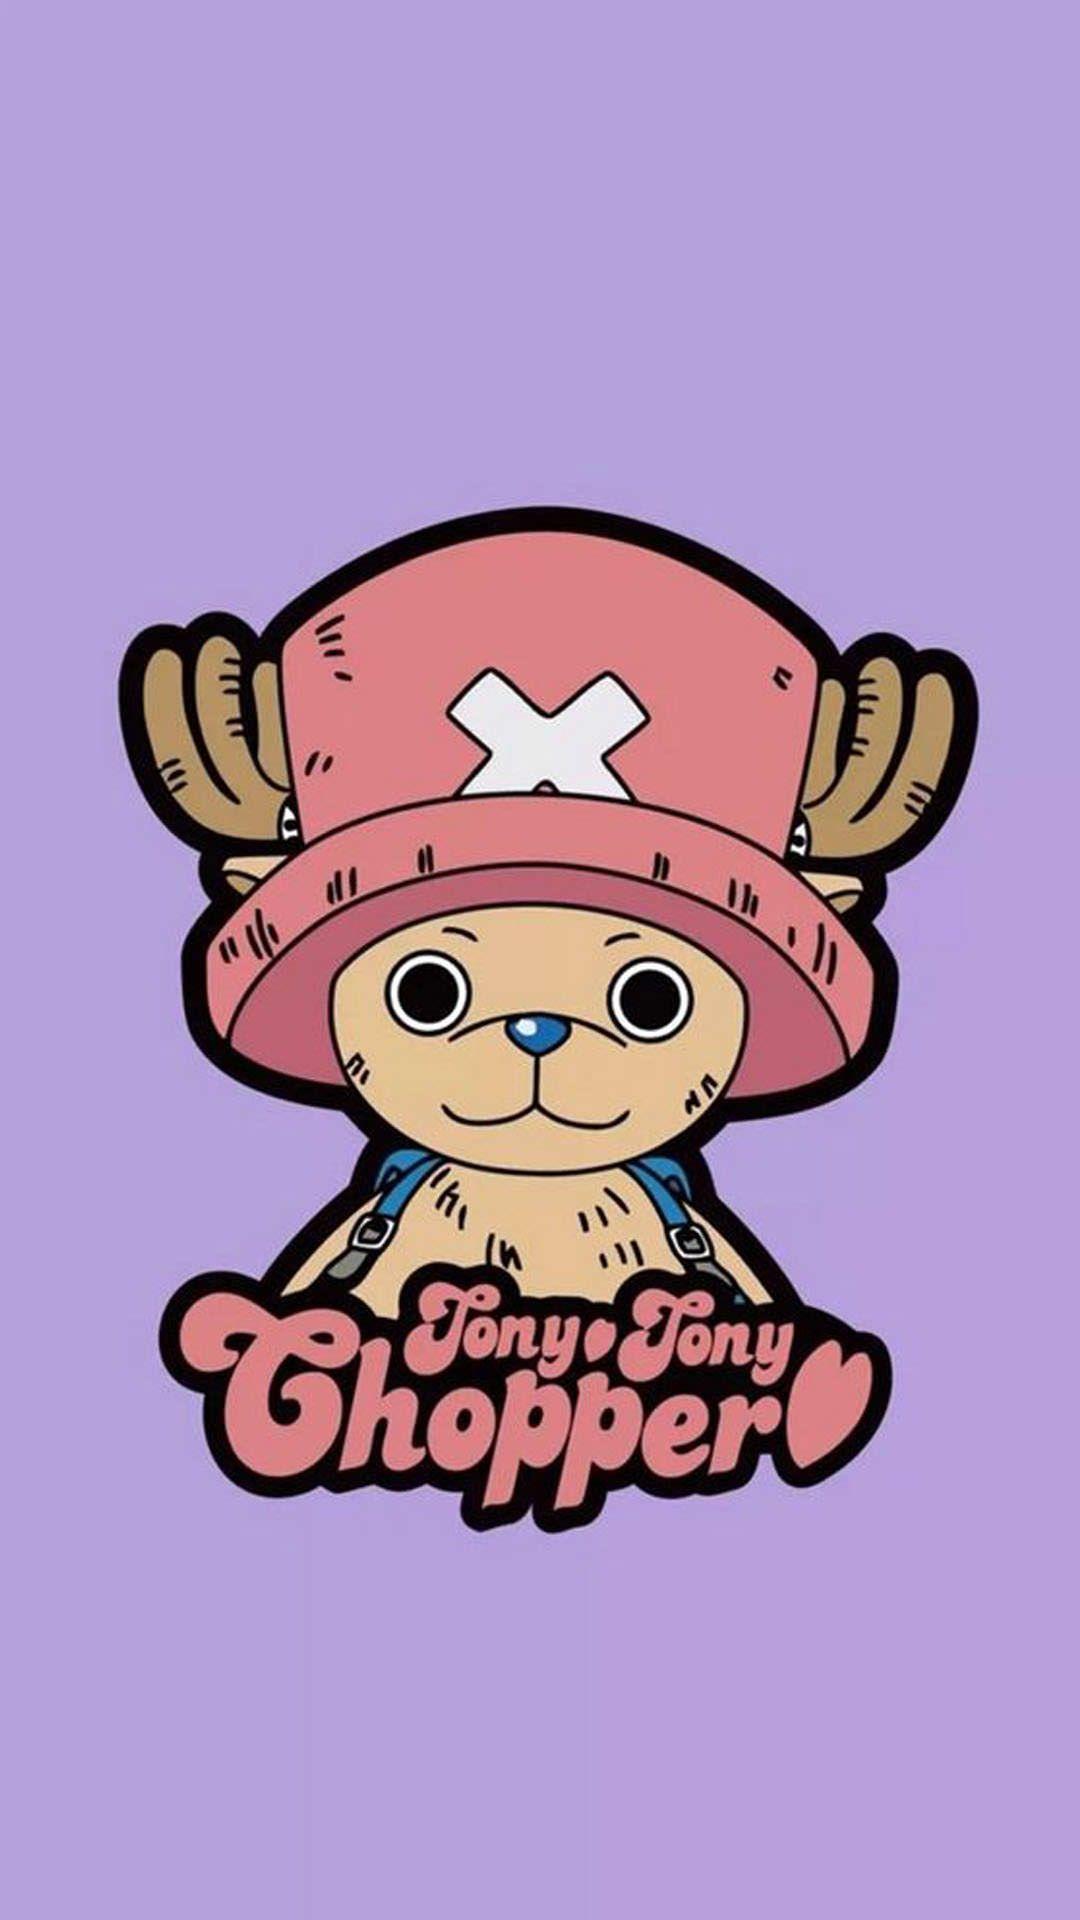 Chopper Wallpaper 23 One Piece Wallpaper Iphone One Piece Chopper One Piece Drawing